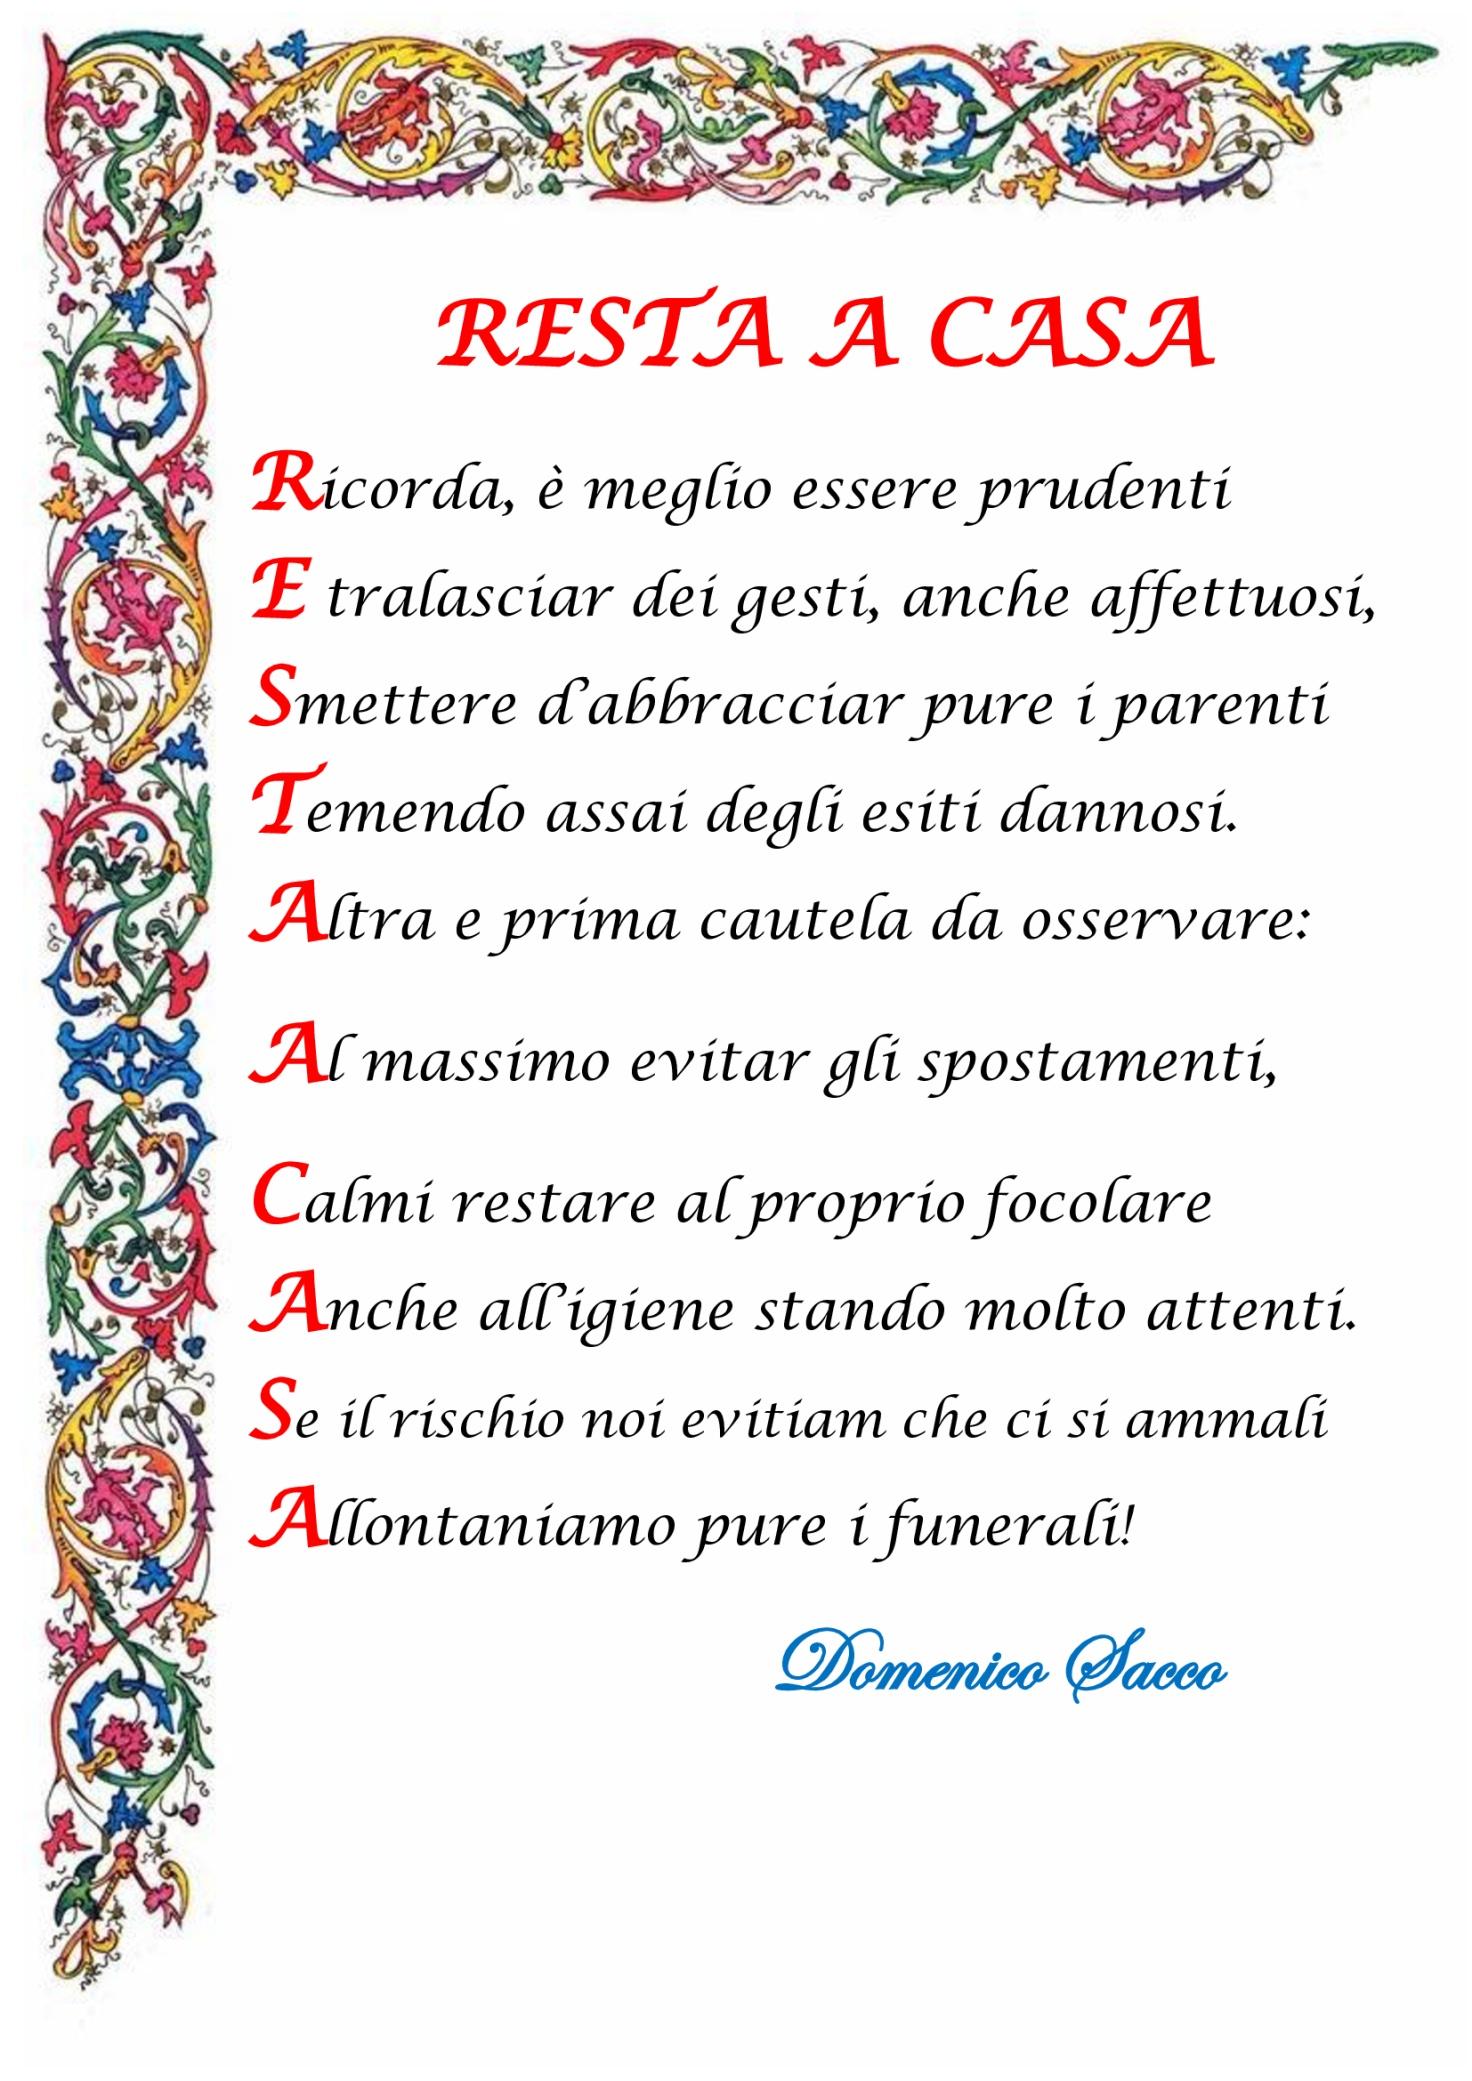 C:\Users\Rossi\Desktop\MARZO 2020\5° serie  Diario\Domenico Sacco 6. RESTA-A-CASA 1.docx.jpg